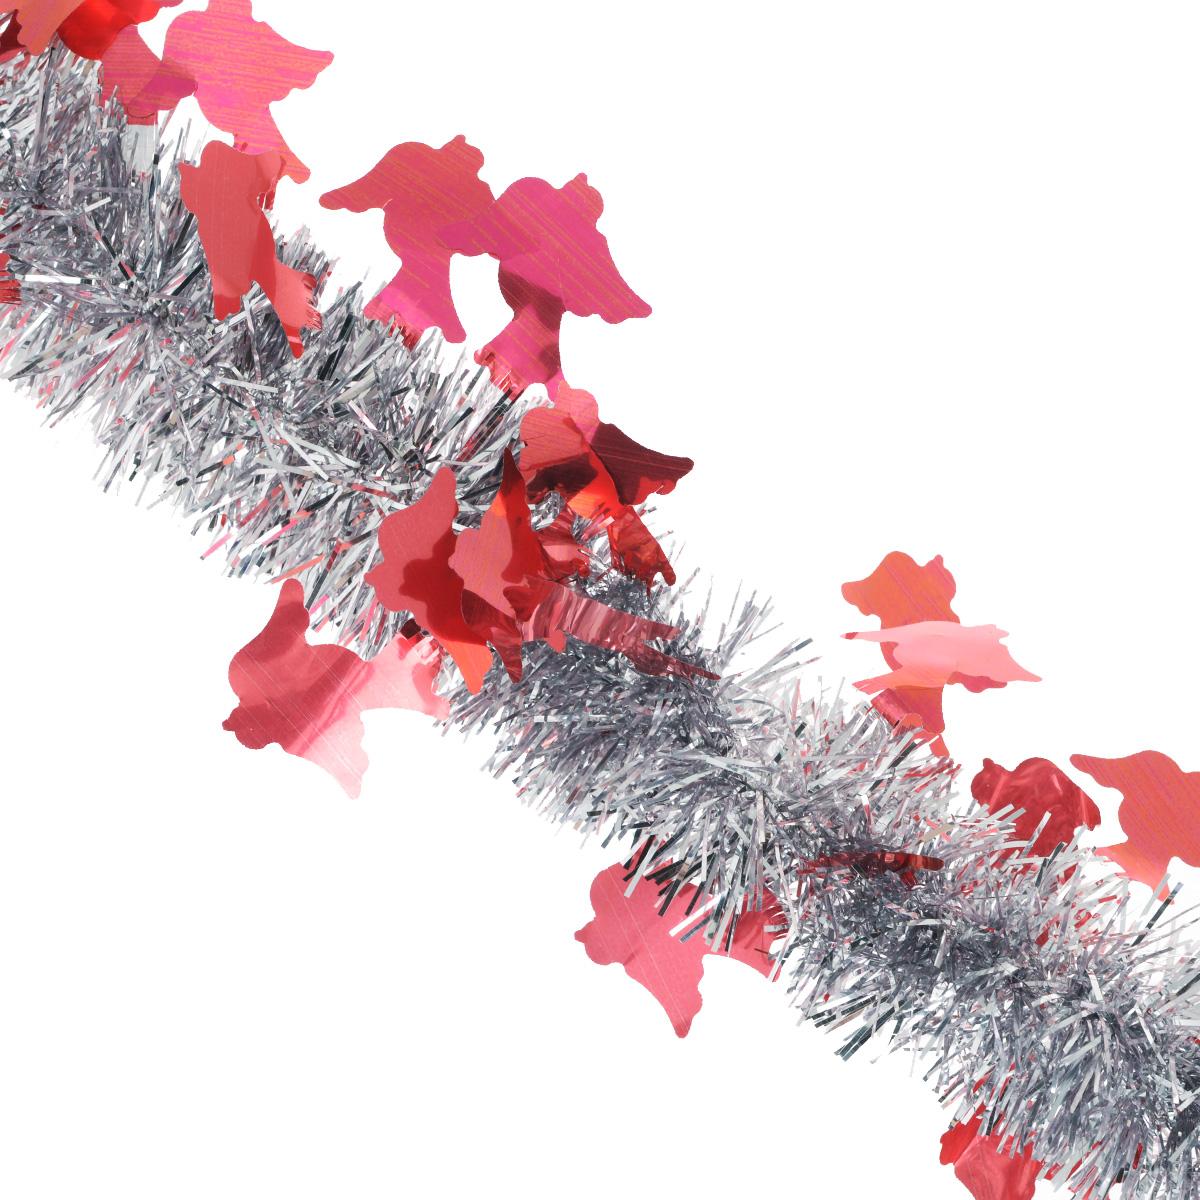 Мишура новогодняя Sima-land, цвет: серебристый, красный, диаметр 5 см, длина 2 м. 7026181125295Мишура новогодняя Sima-land, выполненная из двухцветной фольги, поможет вам украсить свой дом к предстоящим праздникам. Мишура армирована, то есть имеет проволоку внутри и способна сохранять приданную ей форму.Новогодняя елка с таким украшением станет еще наряднее. Новогодней мишурой можно украсить все, что угодно - елку, квартиру, дачу, офис - как внутри, так и снаружи. Можно сложить новогодние поздравления, буквы и цифры, мишурой можно украсить и дополнить гирлянды, можно выделить дверные колонны, оплести дверные проемы. Коллекция декоративных украшений из серии Зимнее волшебство принесет в ваш дом ни с чем несравнимое ощущение праздника! Создайте в своем доме атмосферу тепла, веселья и радости, украшая его всей семьей.